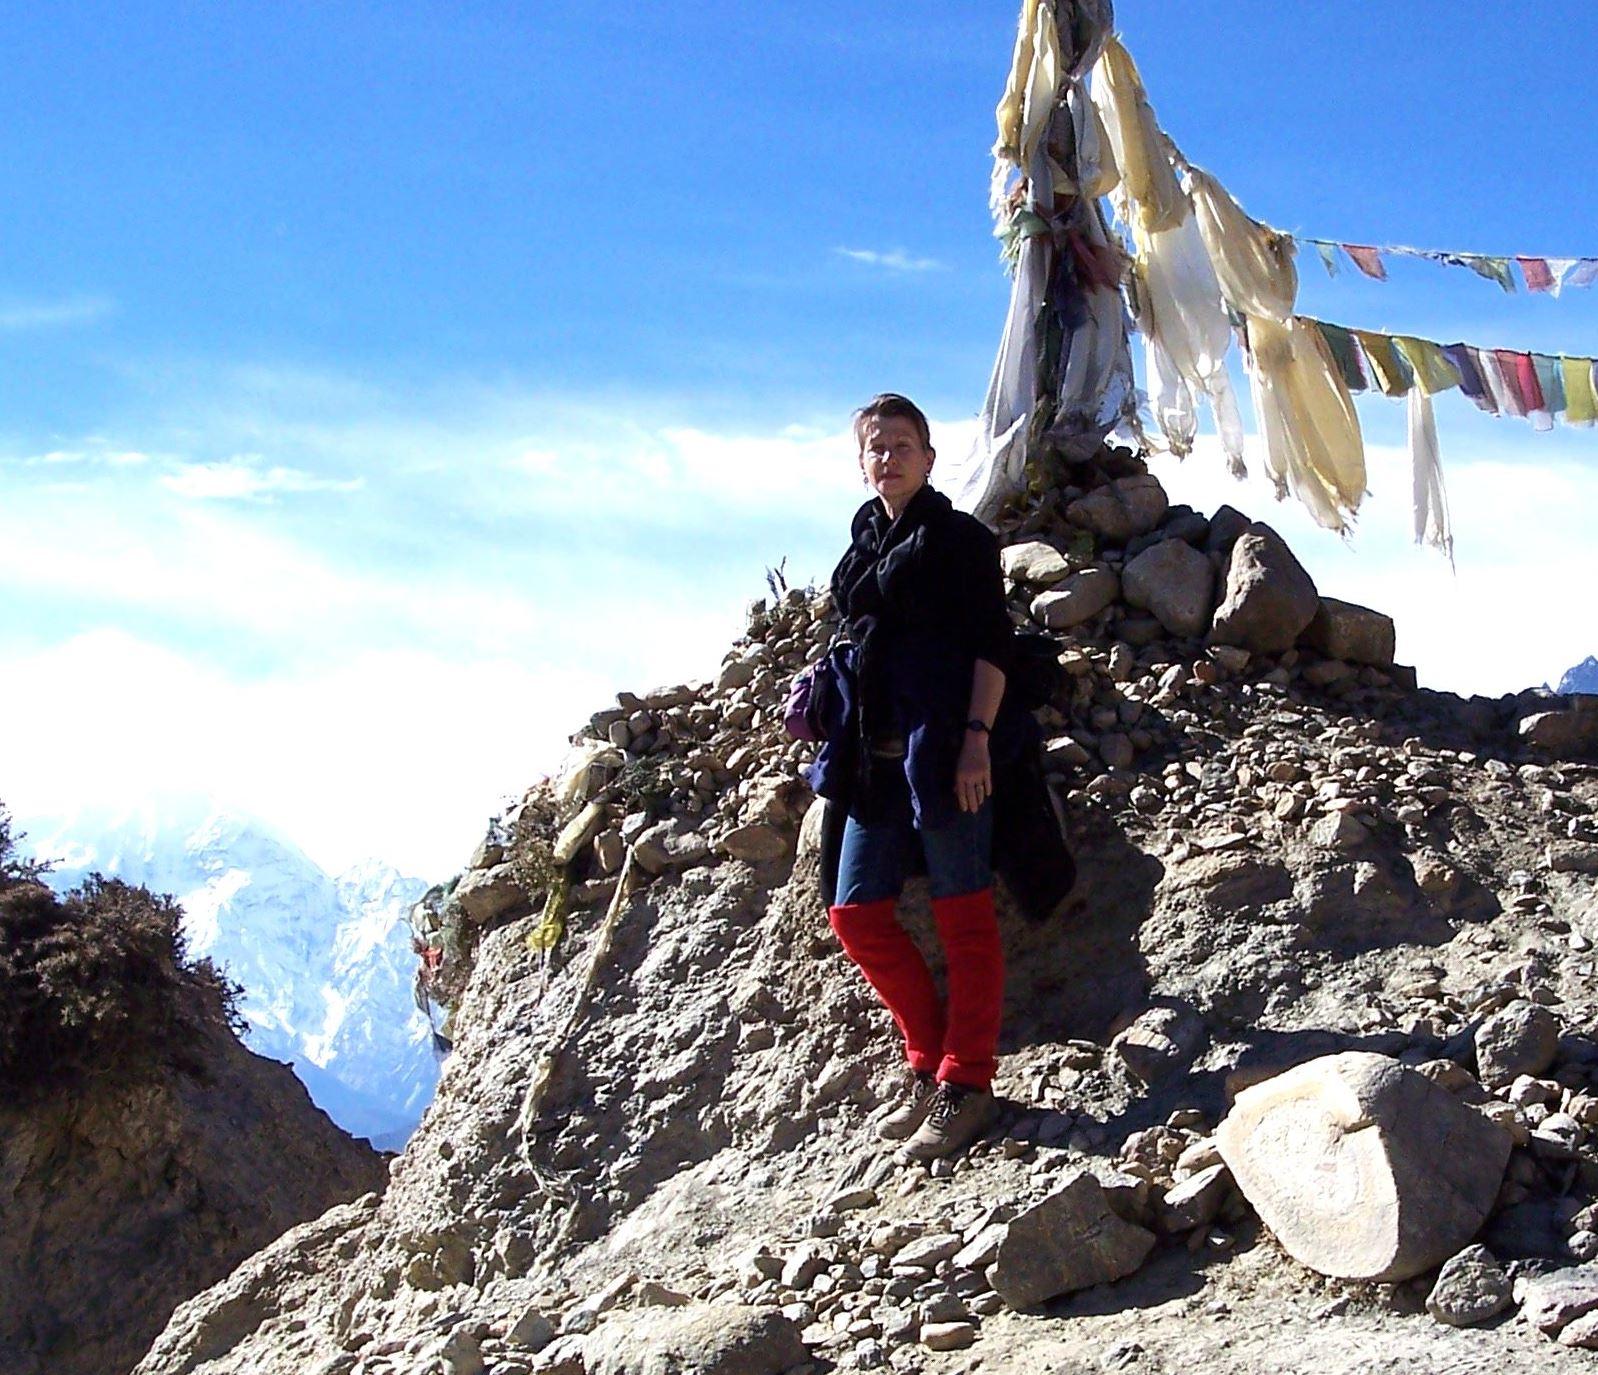 Drdak at the Nya La pass, Upper Mustang, 4010 meters, 2006.